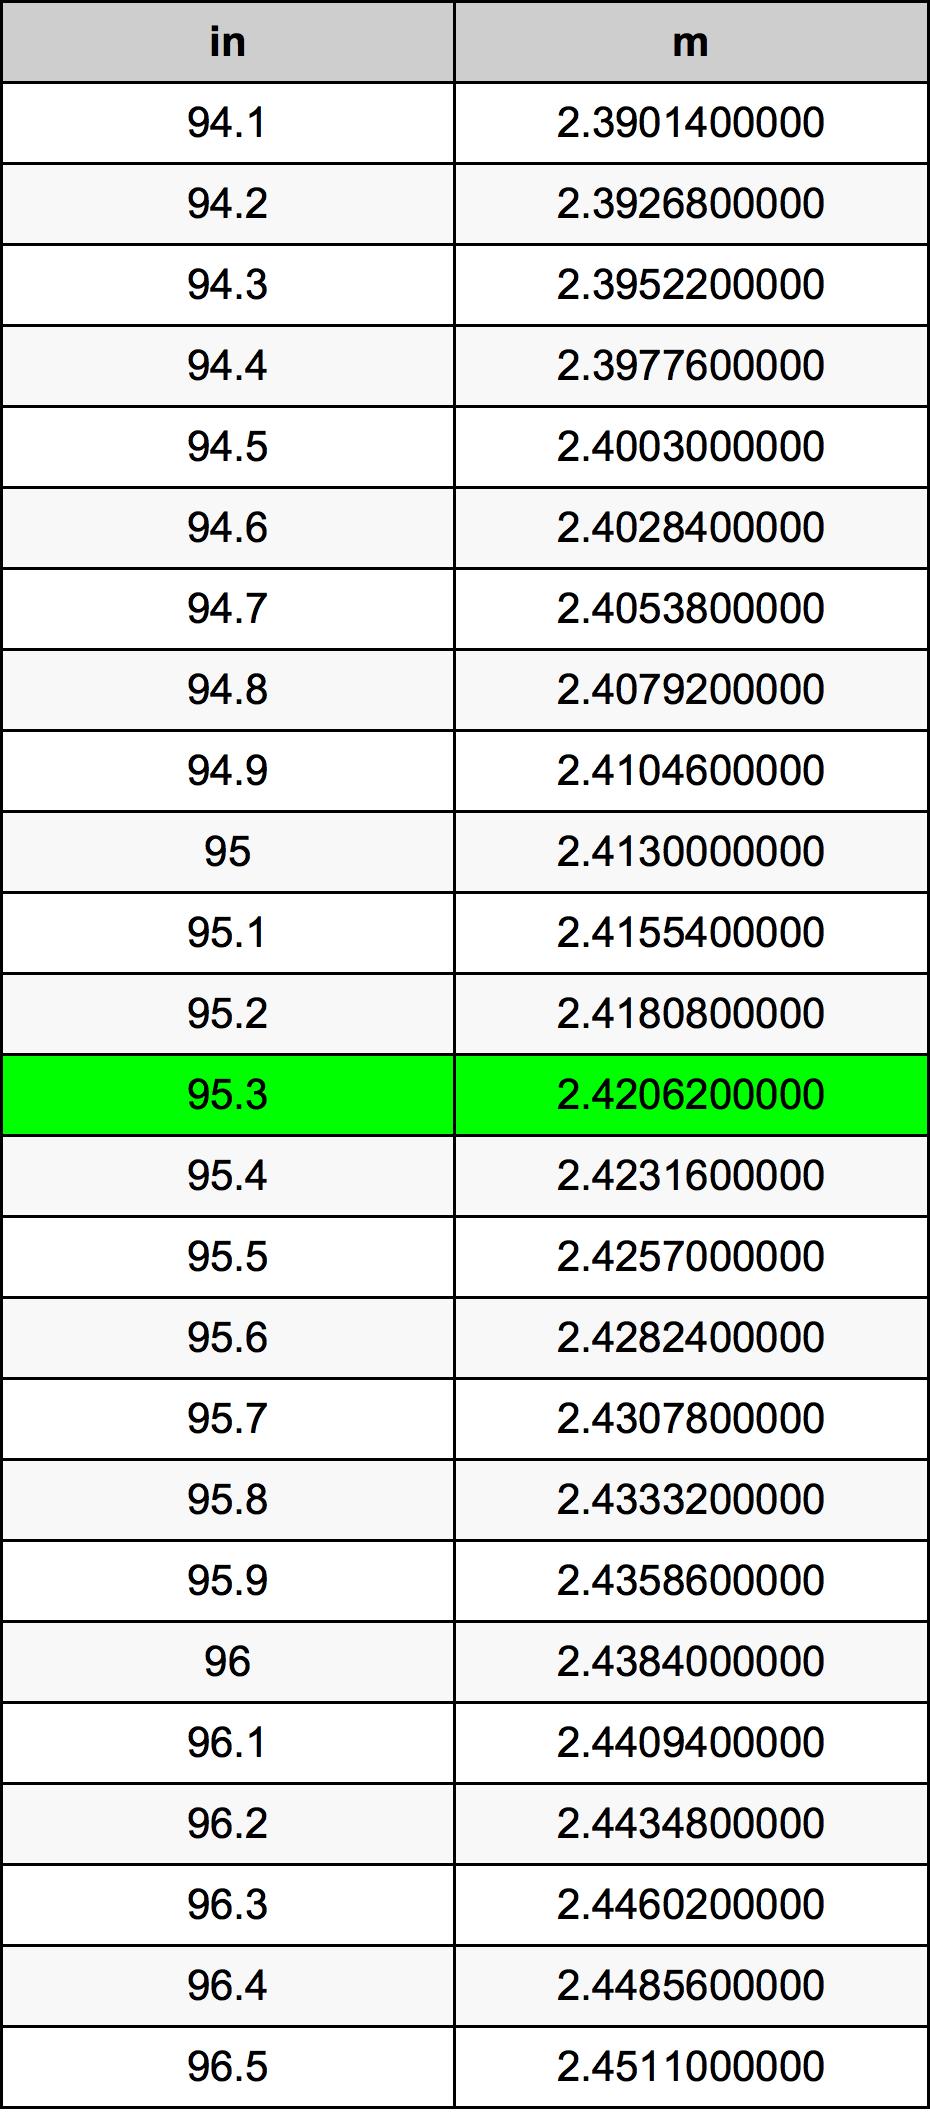 95.3 Zoll Umrechnungstabelle